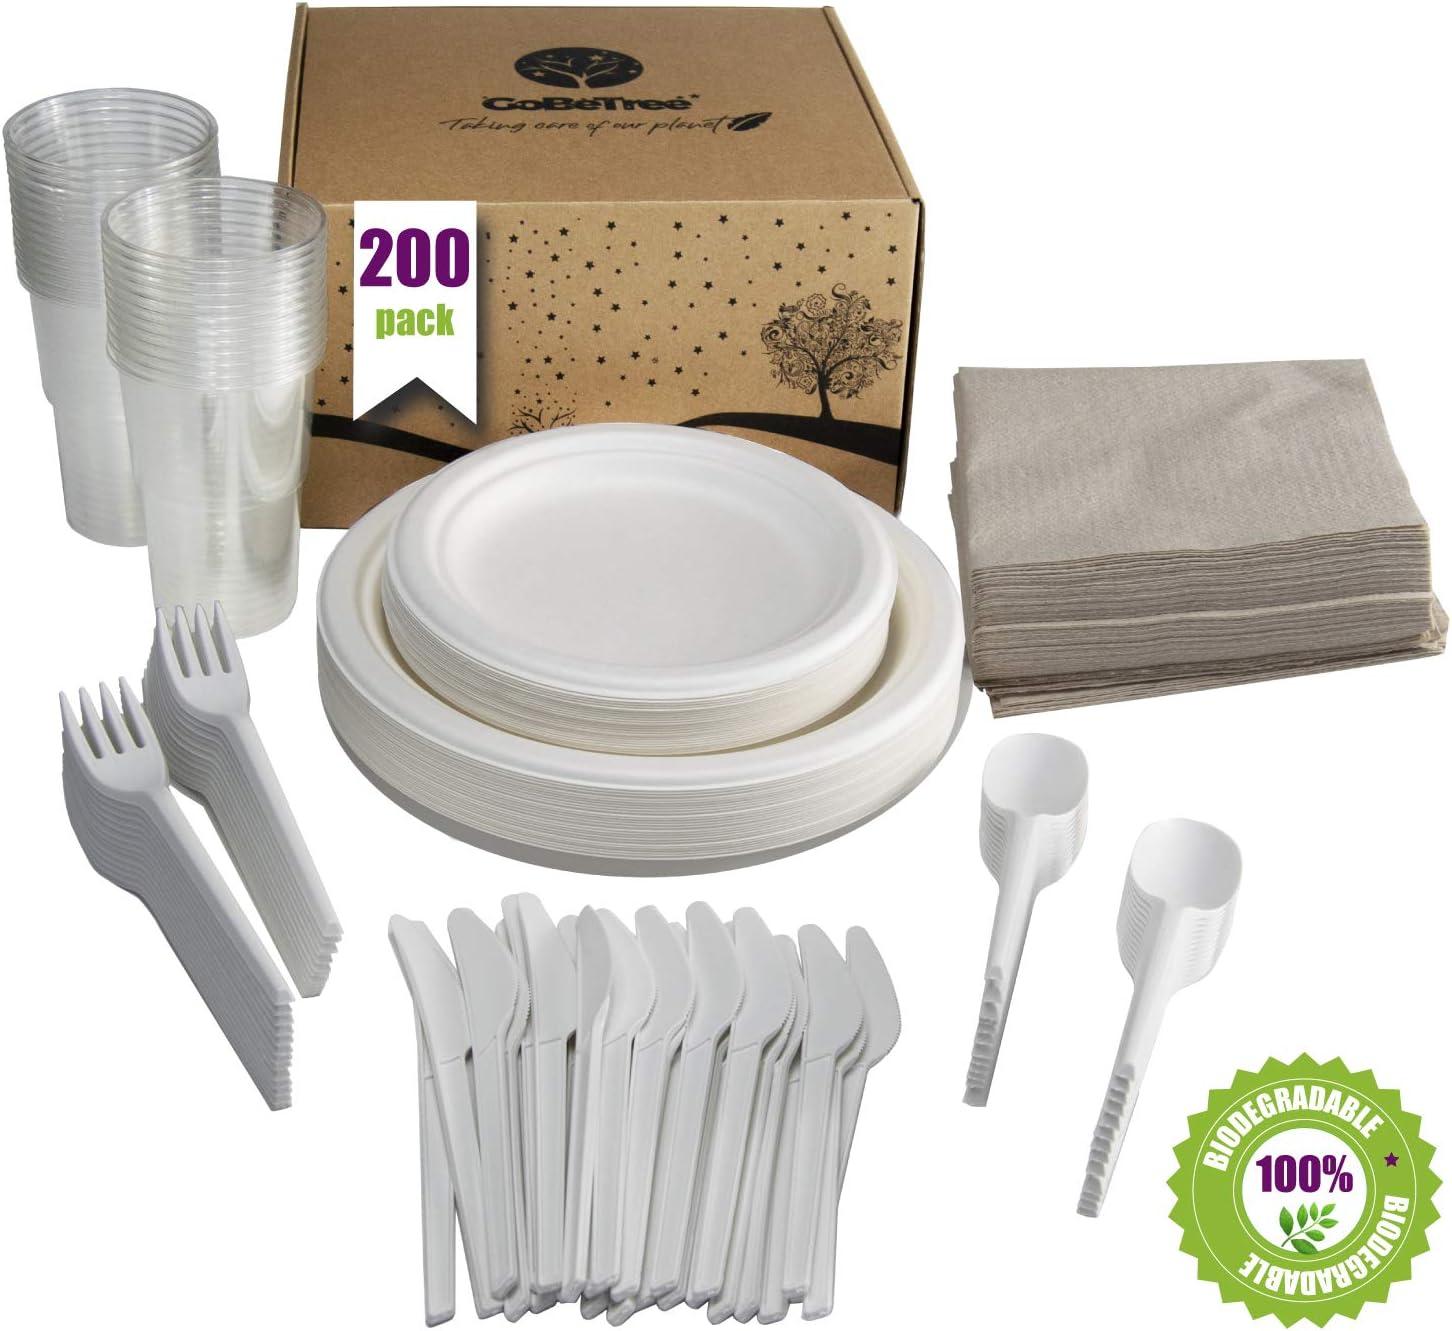 GoBeTree Vajilla desechable de 200 Piezas para 25 Personas. Paquete vajilla Biodegradable de caña de azúcar Incluye 50 Platos, 25 Tenedores, 25 Cuchillos, 25 cucharas, 25 Vasos y 50 servilletas.: Amazon.es: Hogar